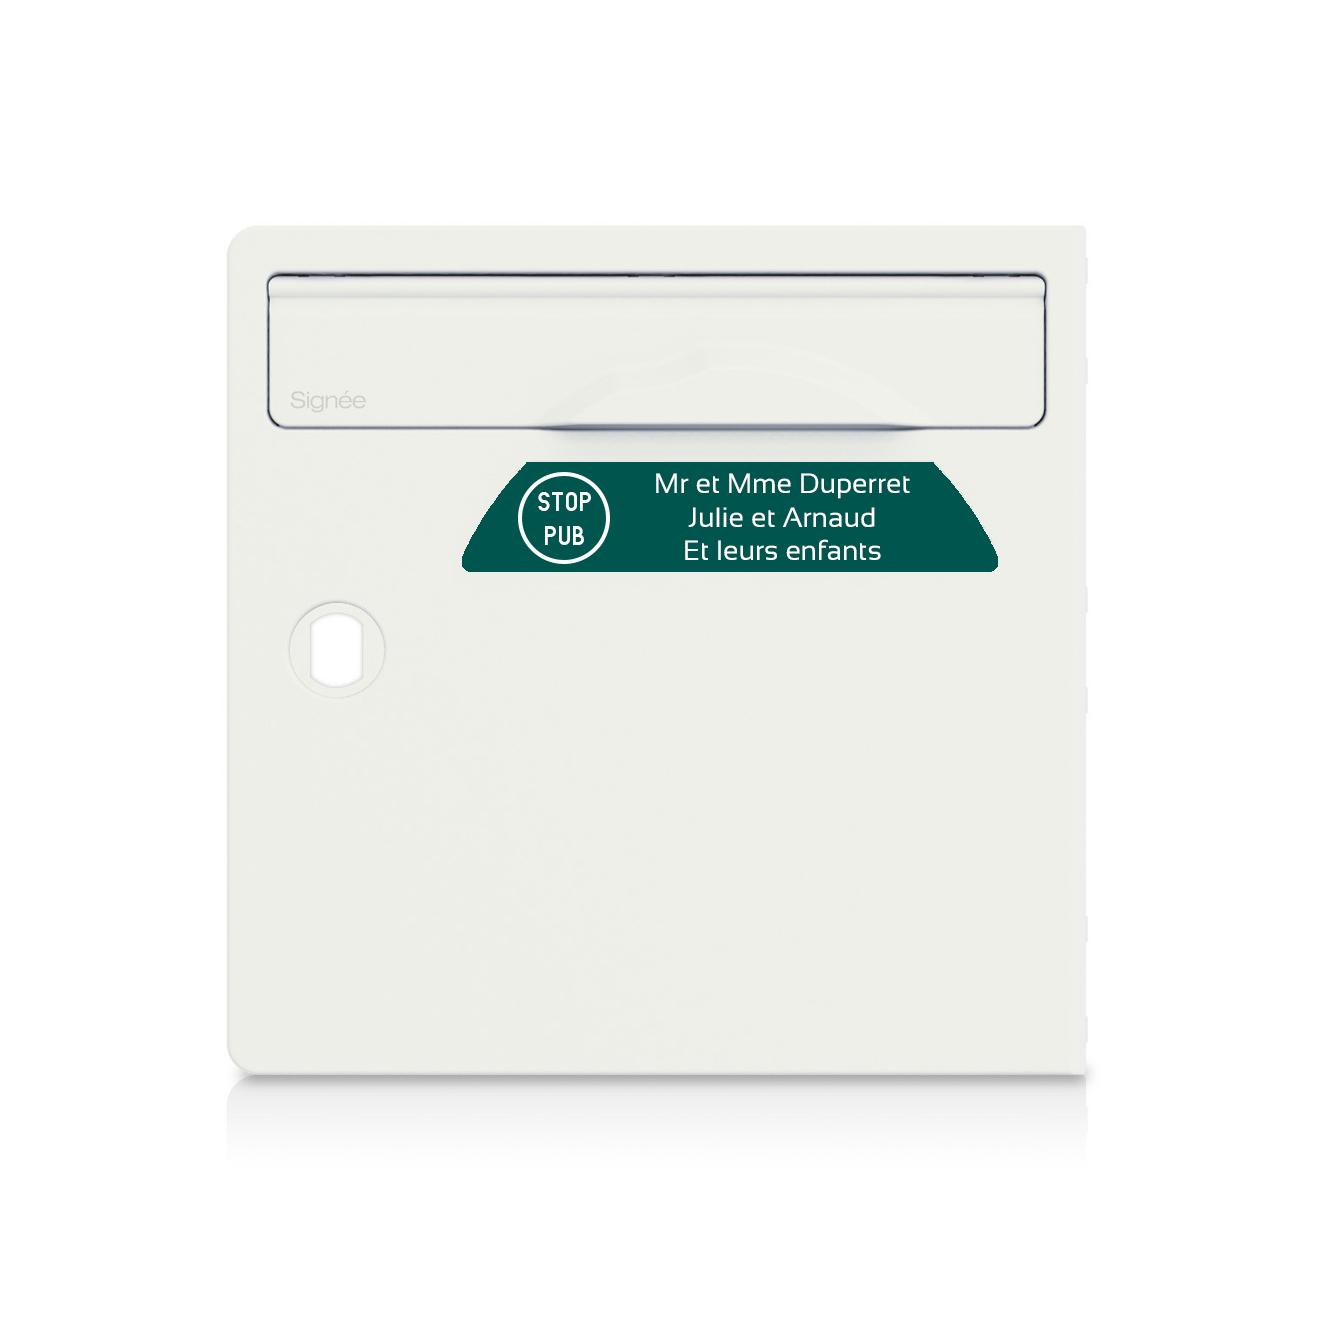 Plaque boite aux lettres Signée STOP PUB vert foncé lettres blanches - 3 lignes